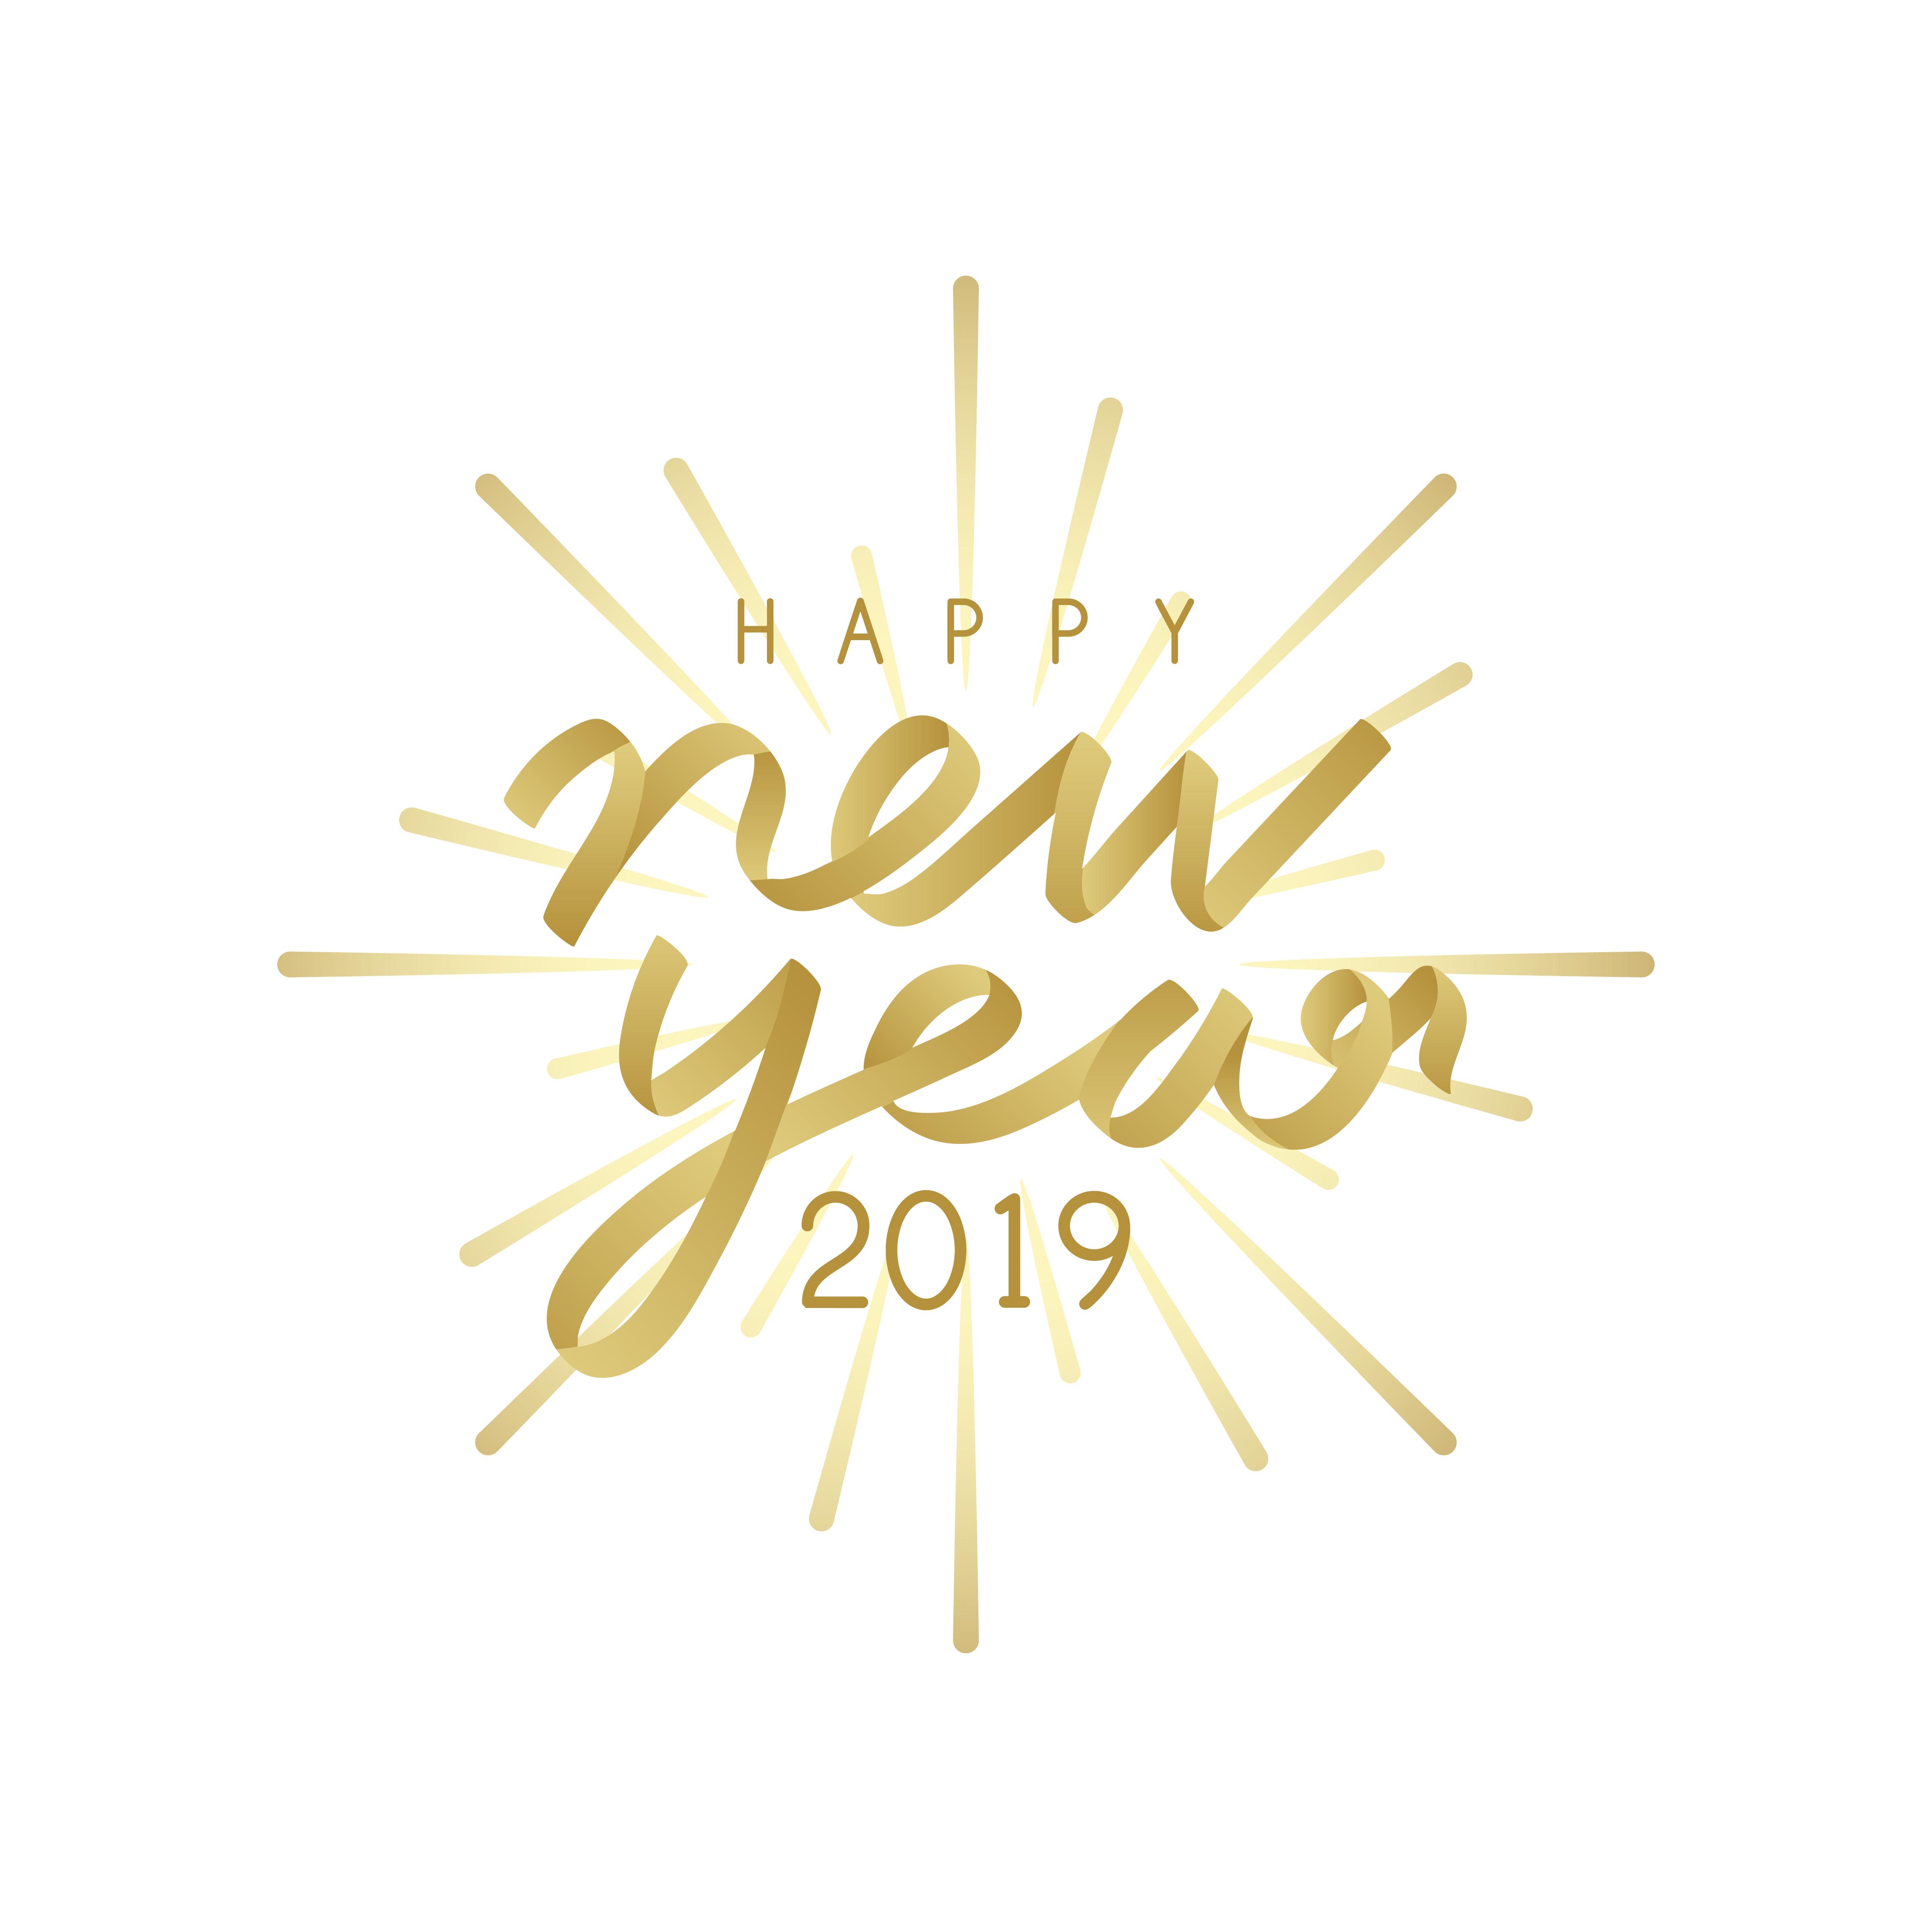 Happy new year 2019 badge vector - Download Free Vectors ...